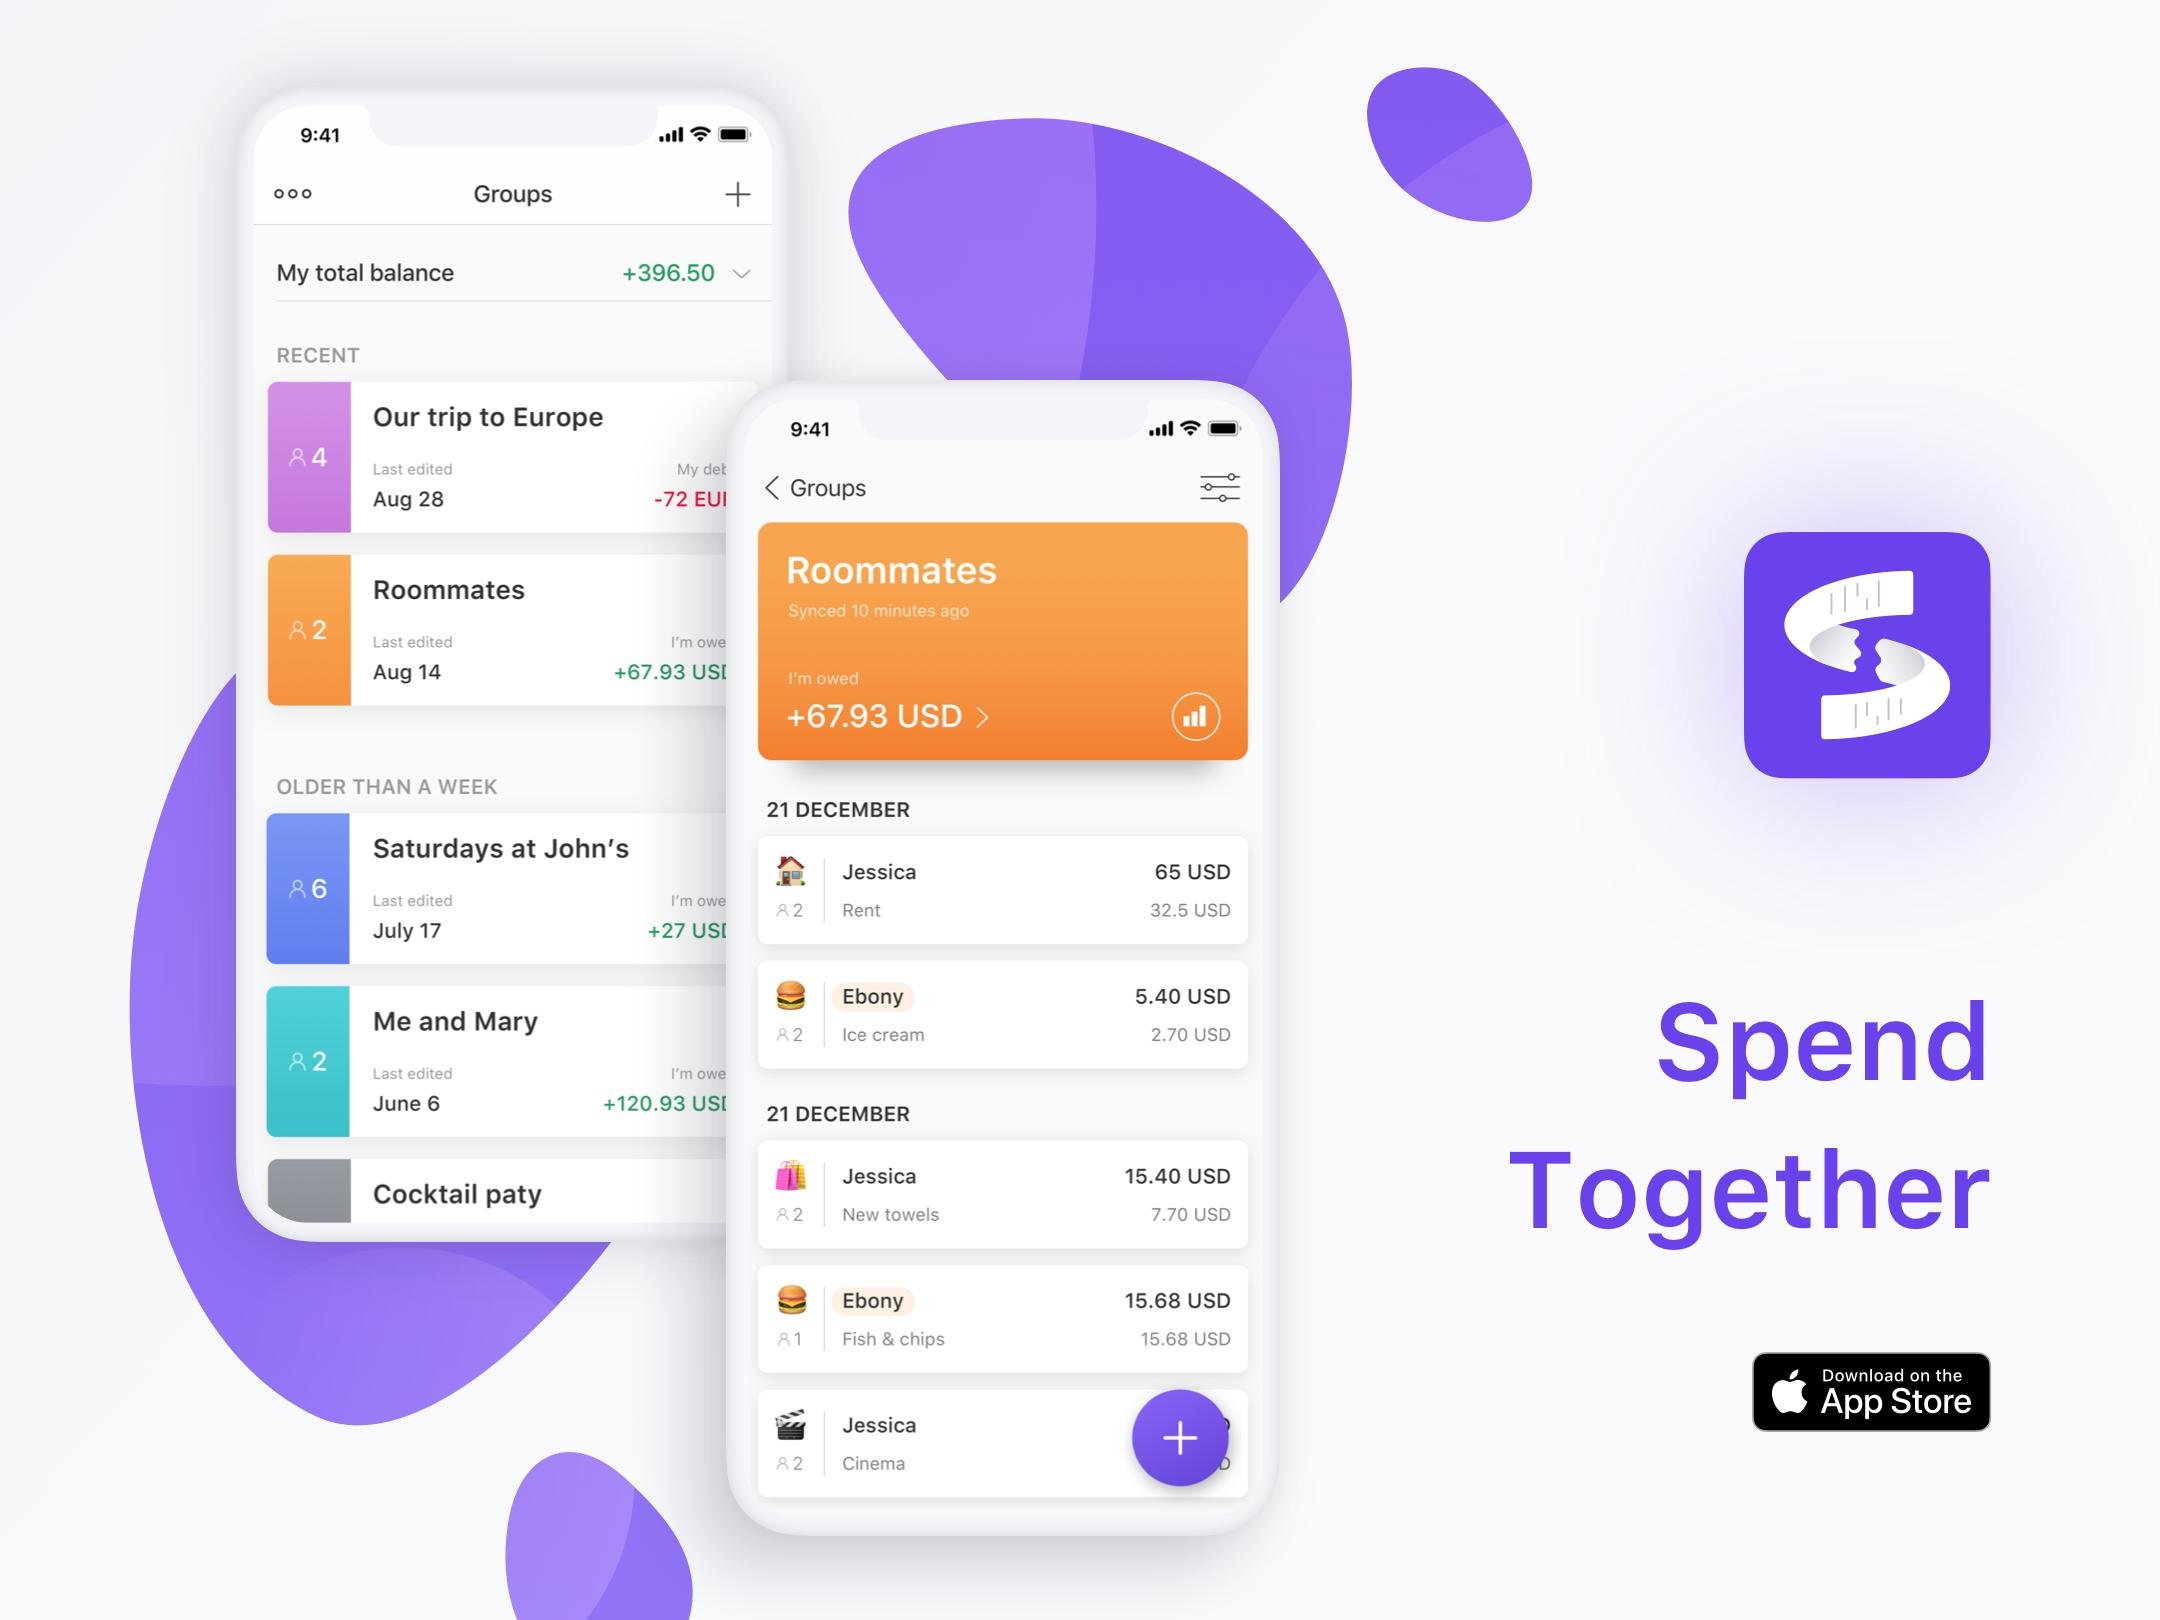 Spend Together